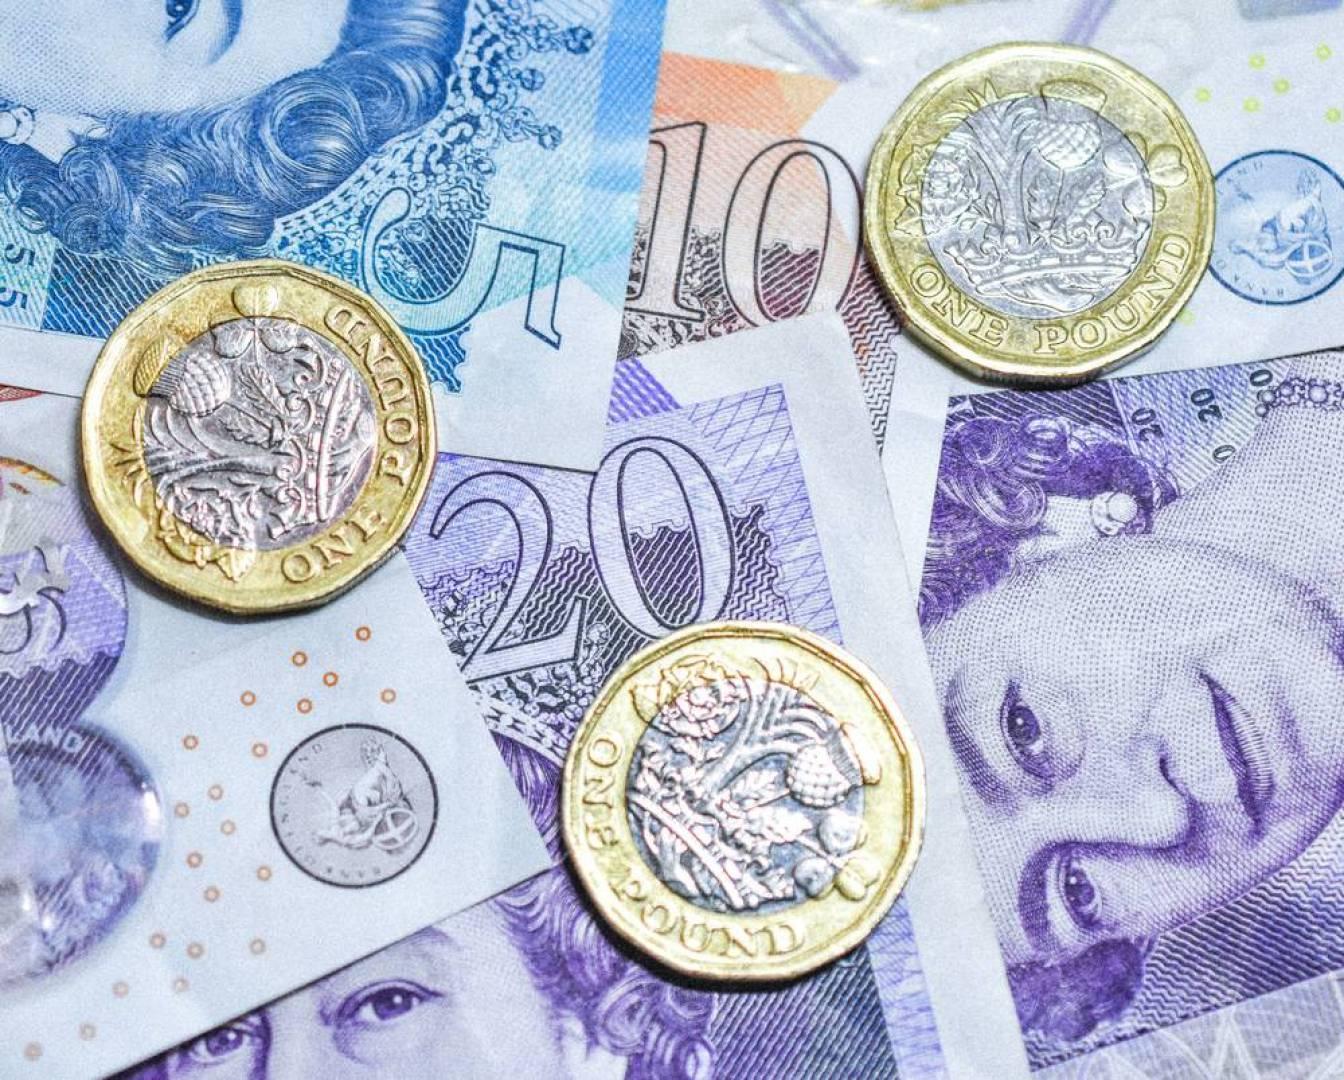 لأول مرة في تاريخها.. بريطانيا ستحوّل 40 مليار جنيه إلى سماد زراعي!